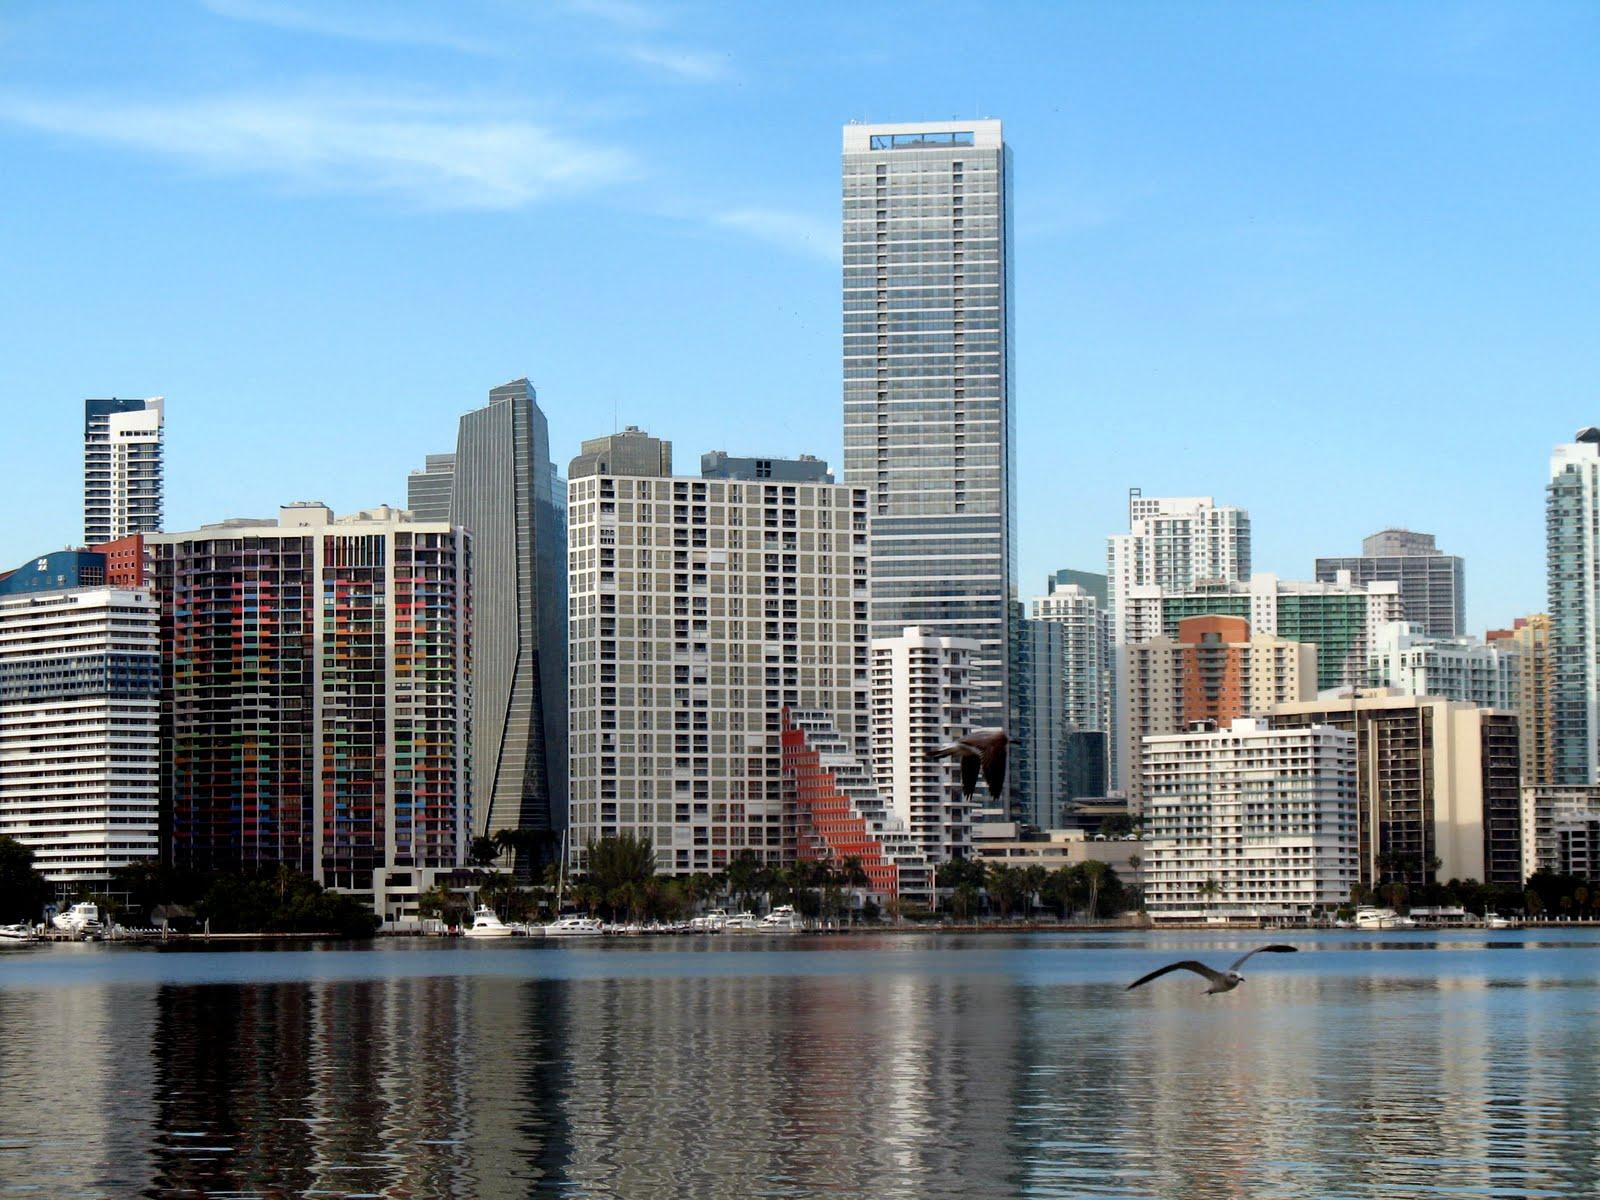 Miami, my home town!miami town